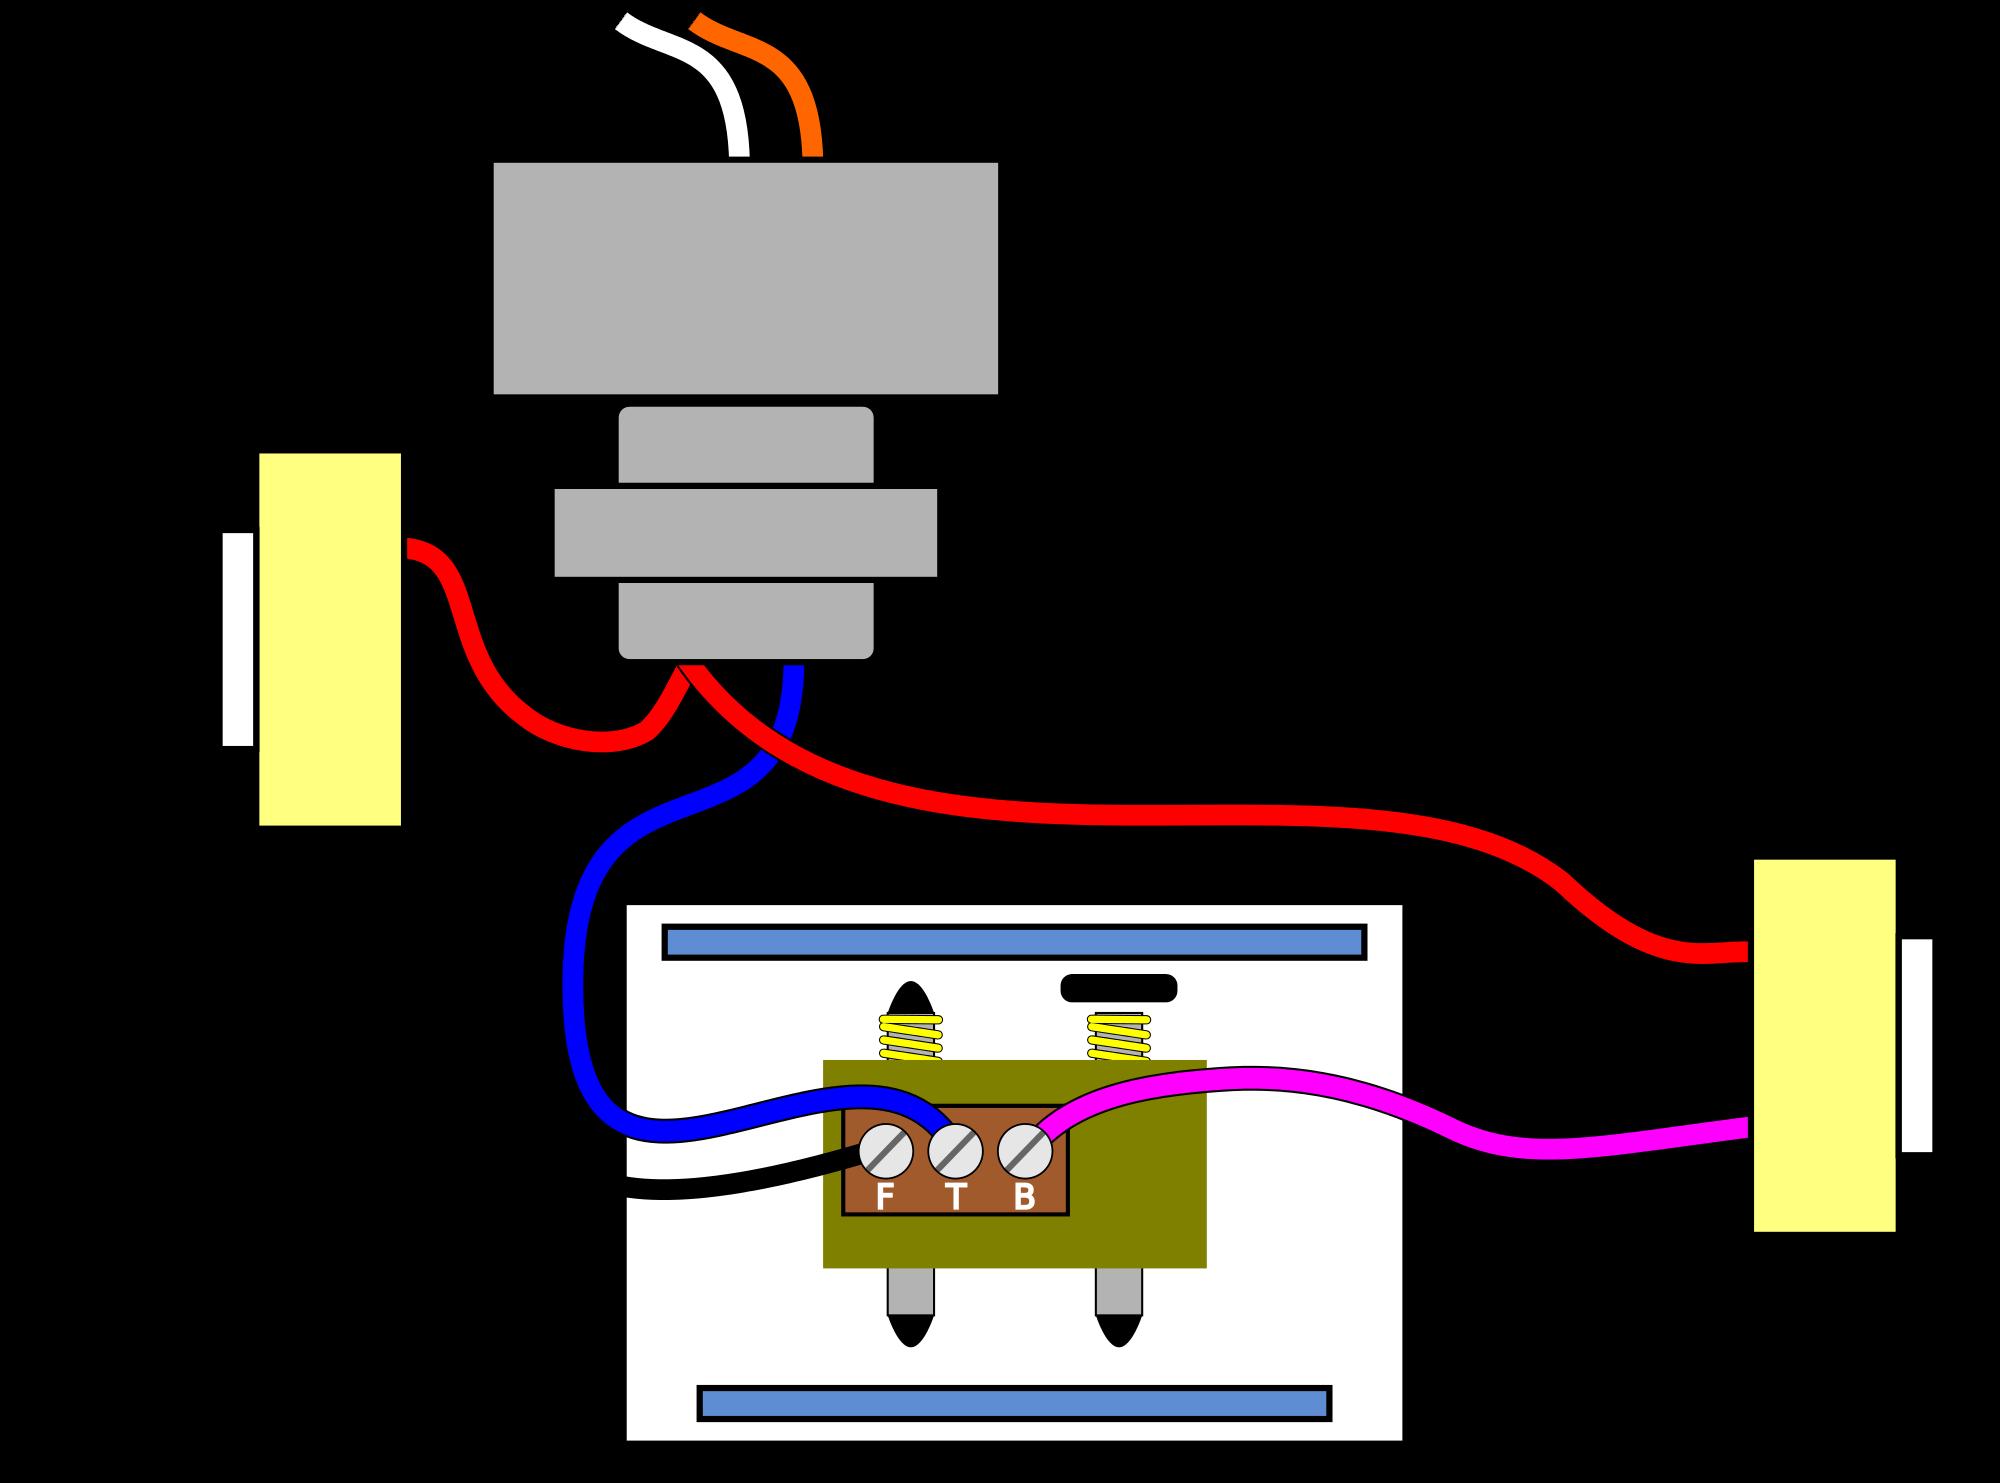 doorbell wiring pictorial diagram eee [ 2000 x 1483 Pixel ]